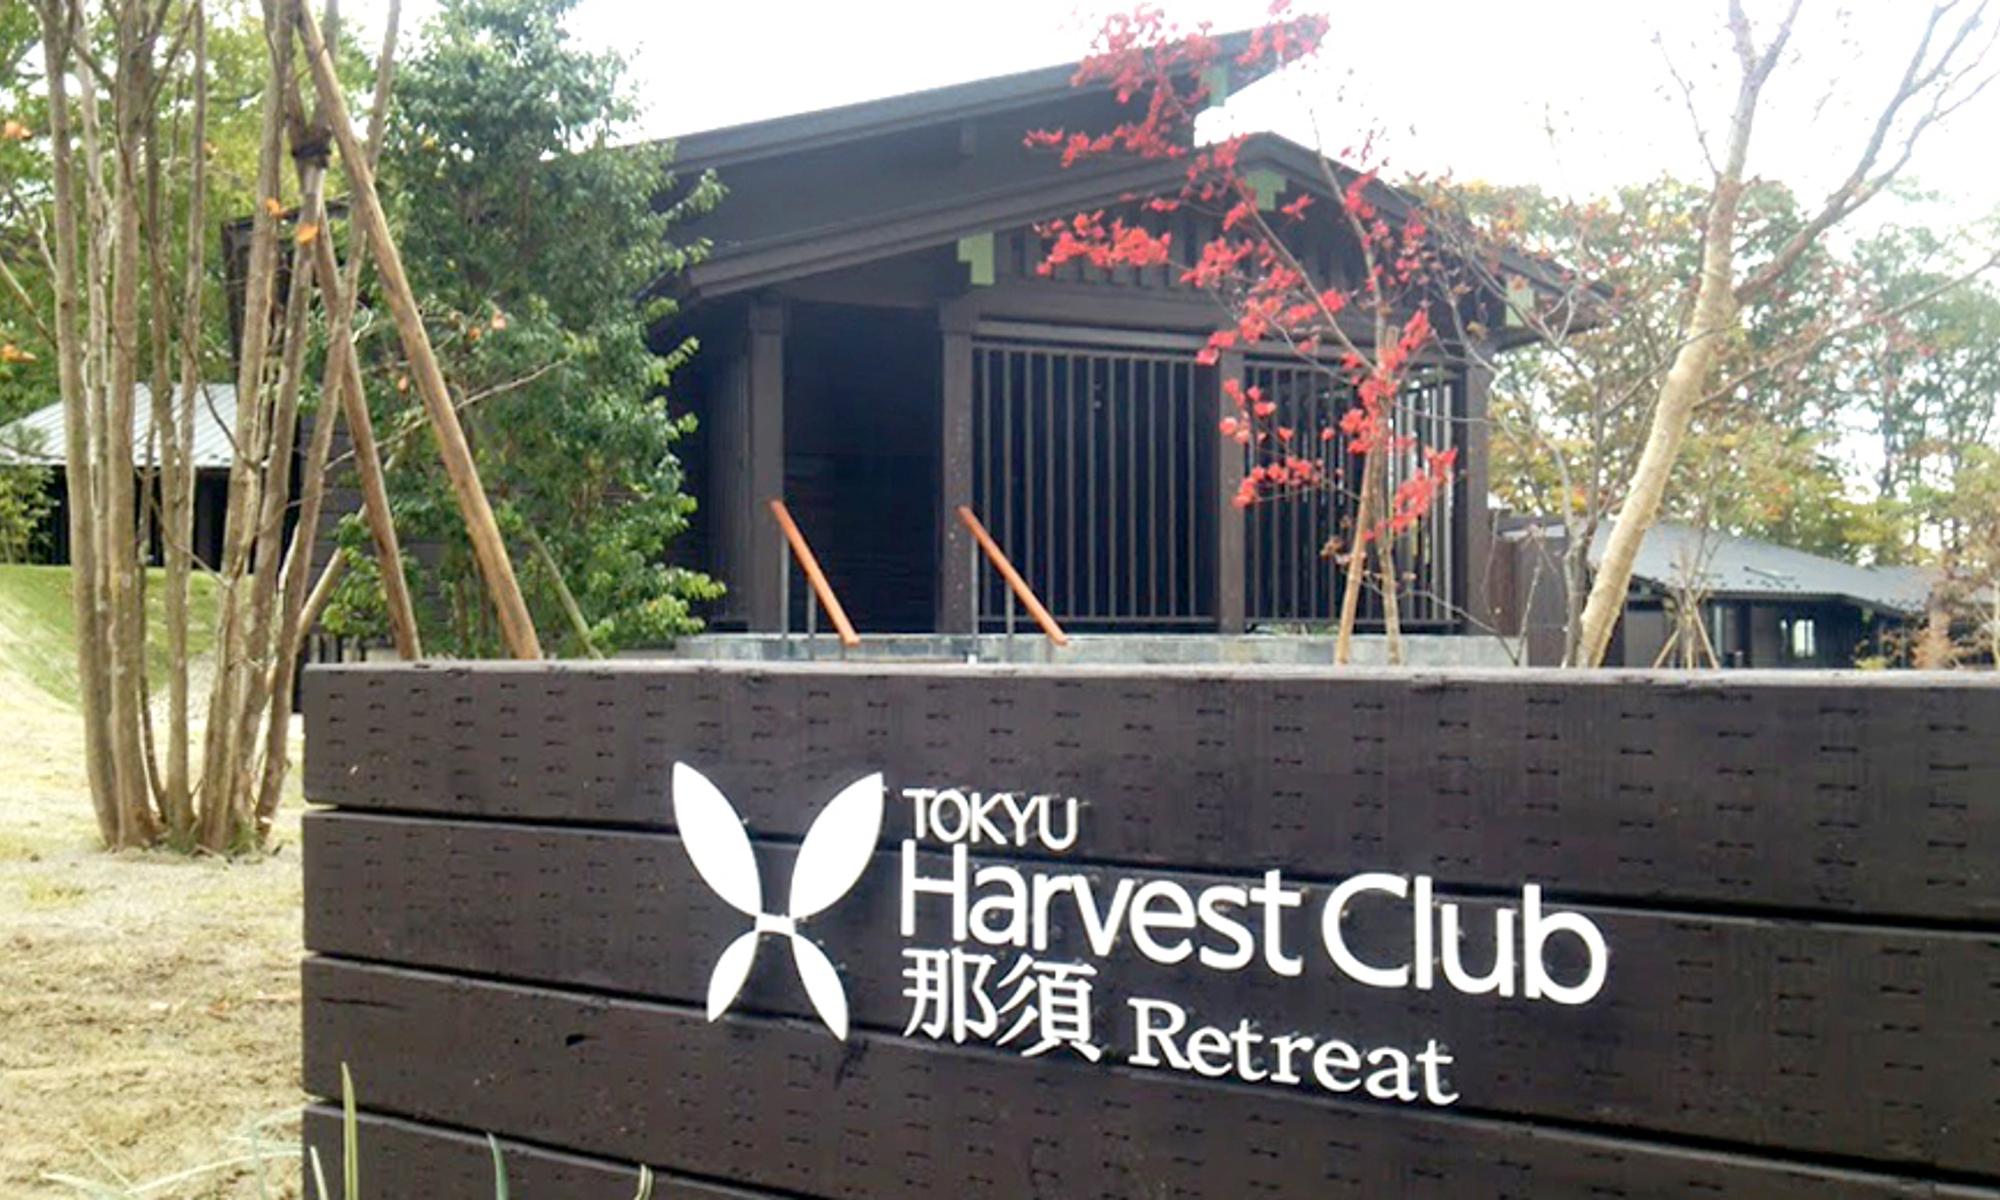 東急ハーヴェストクラブ那須Retreat 「リゾート和モダン」古民家ログハウス